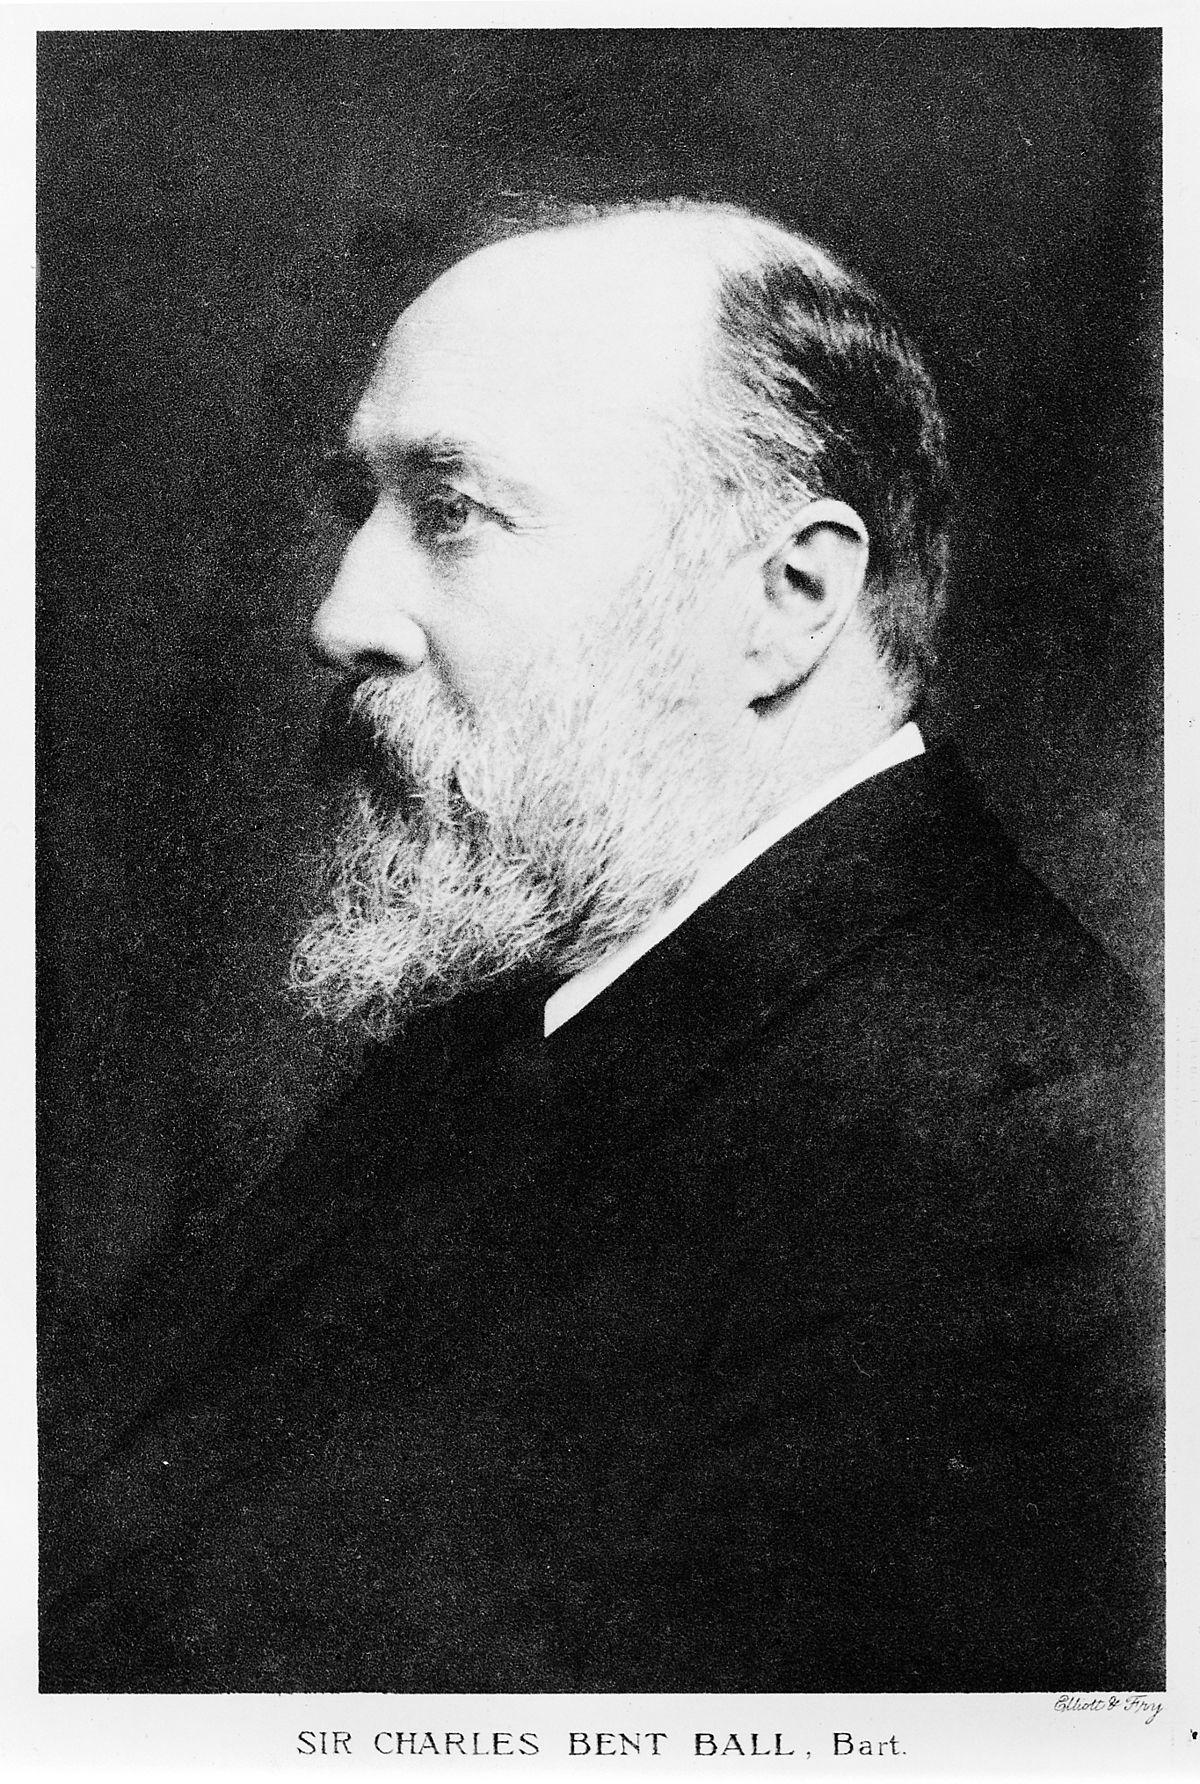 Charles Bent Ball Wikipedia